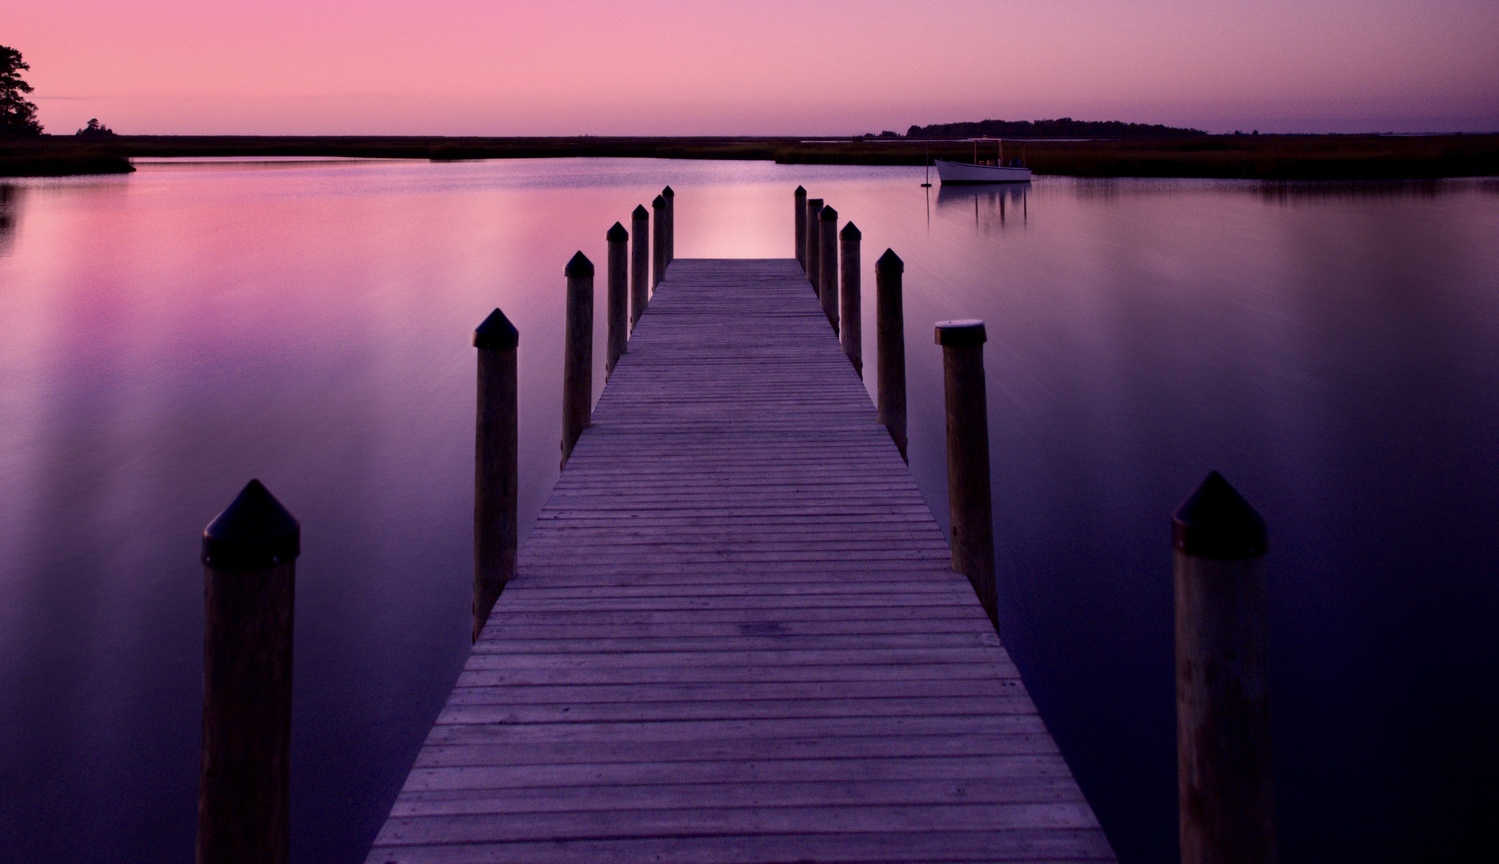 Dock at dusk by Carla Petrillo